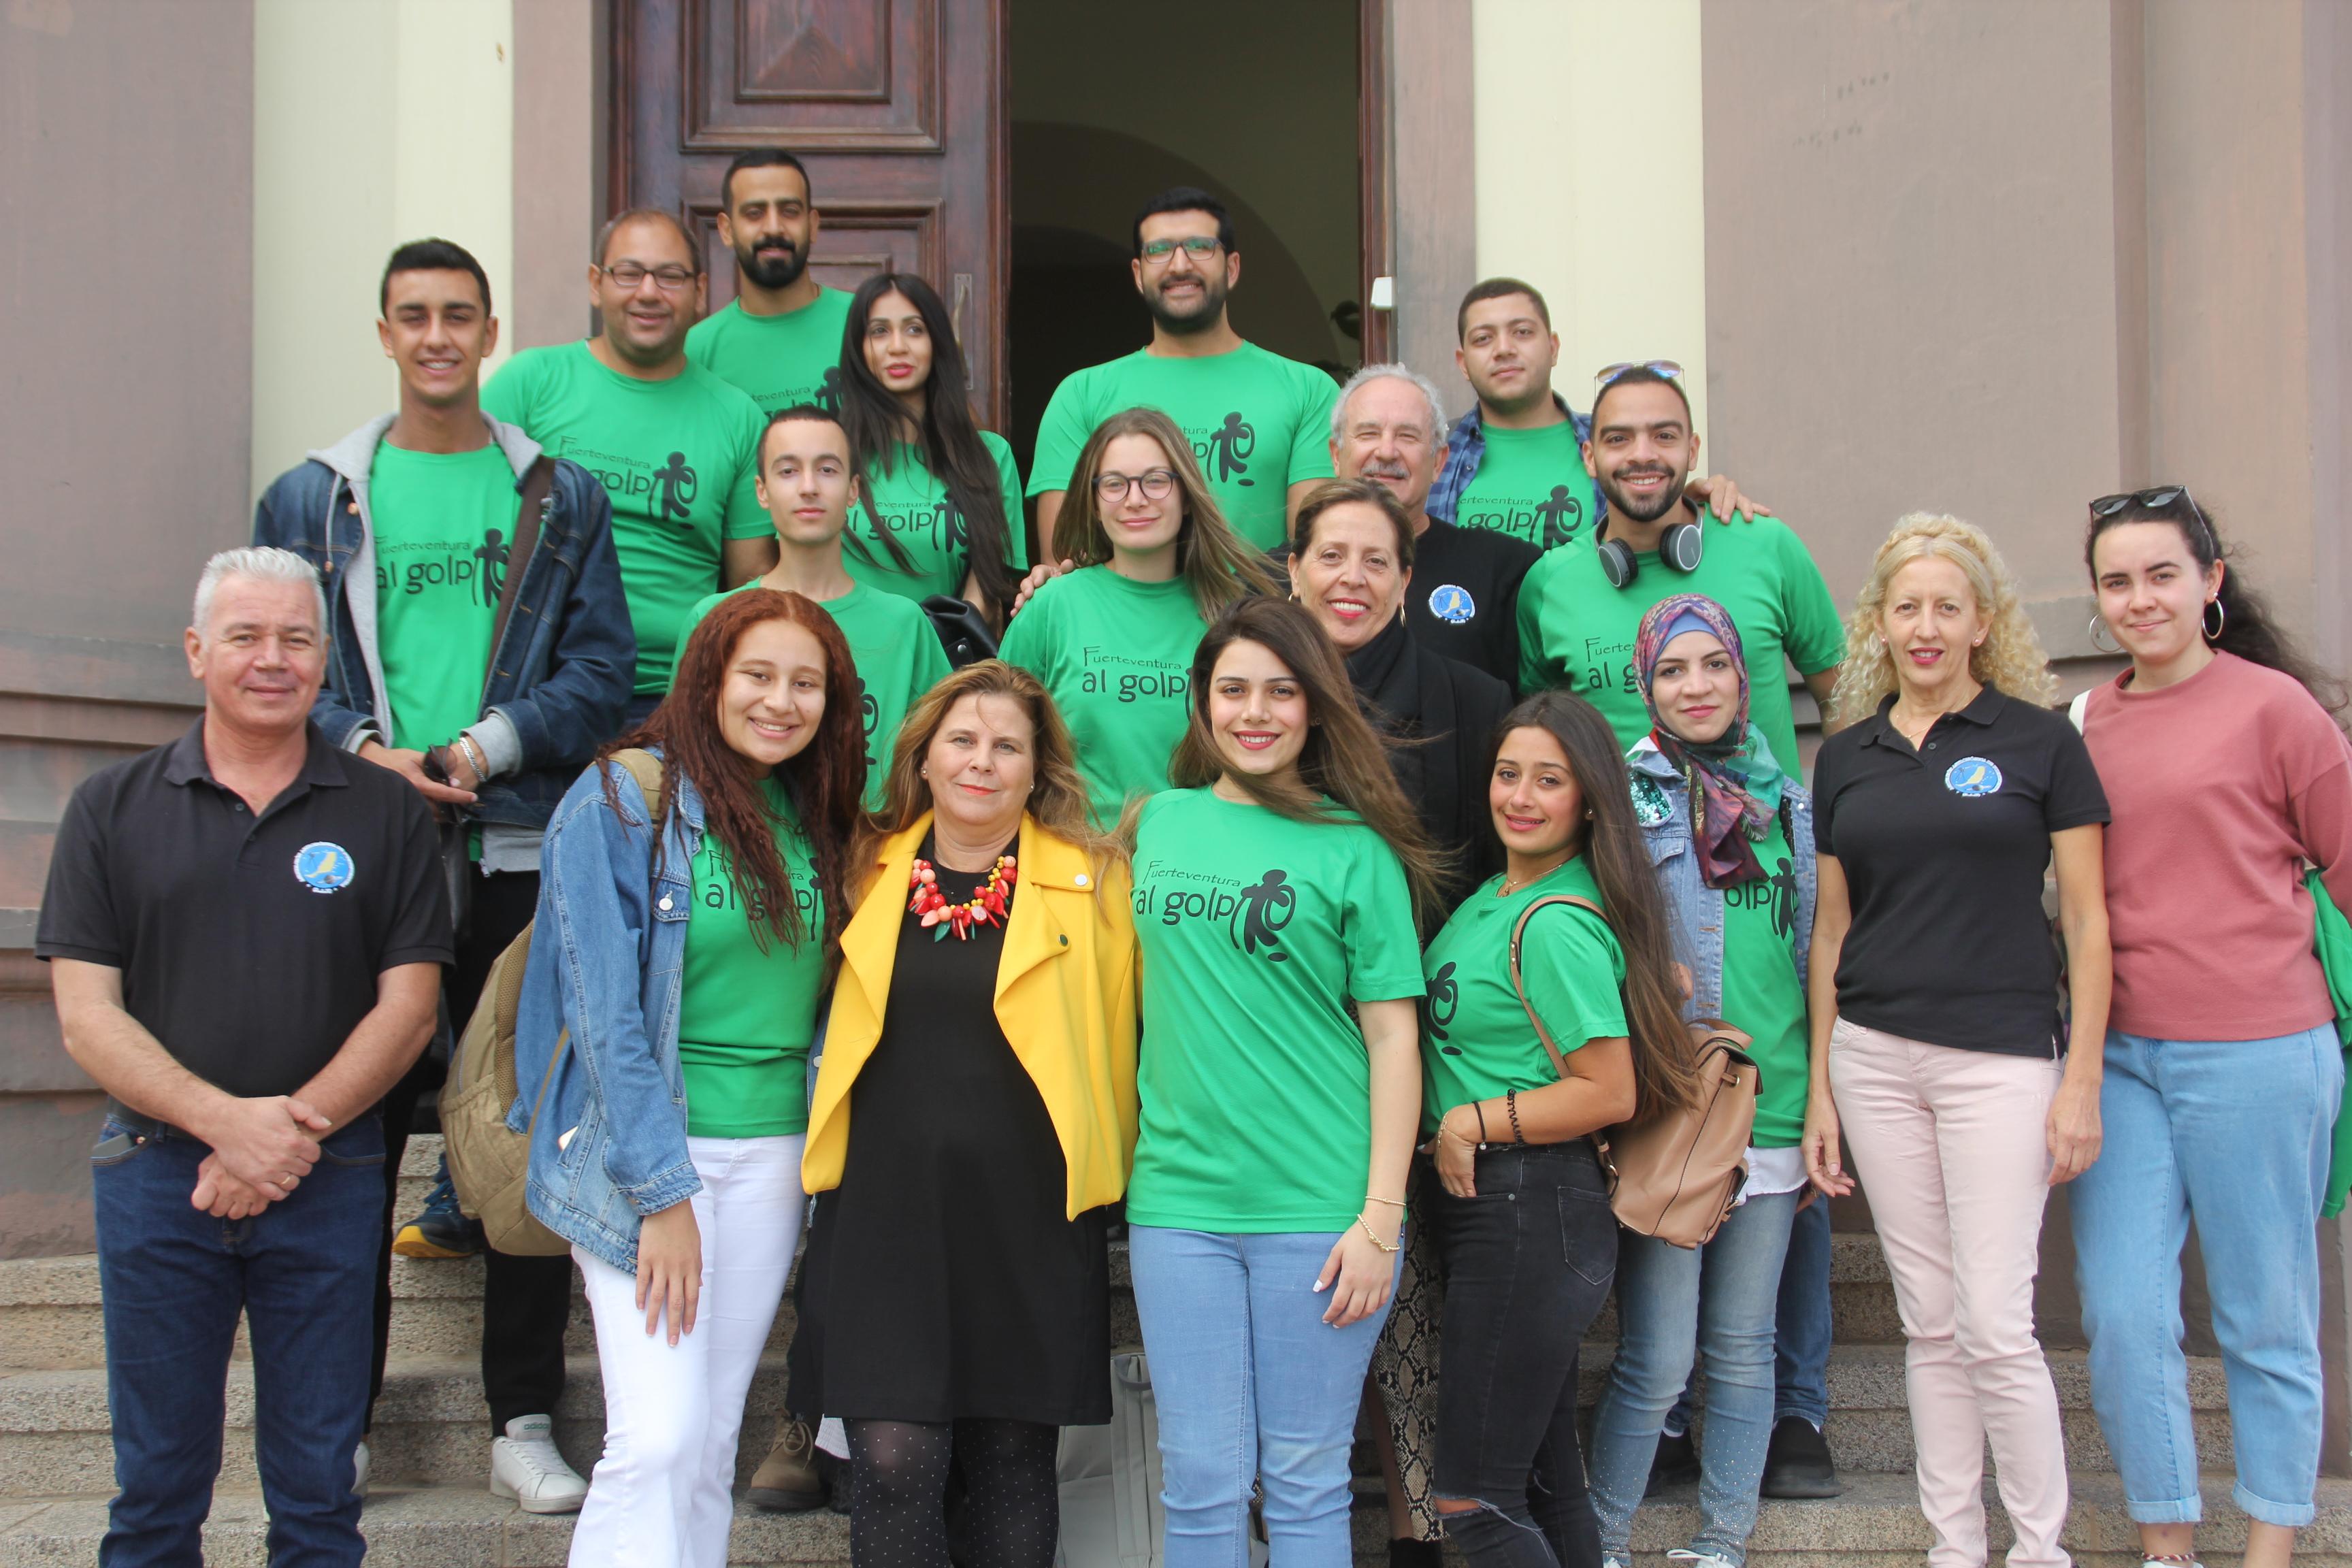 El Cabildo de Fuerteventura recibe a los estudiantes de intercambio astronómico Stardust 2019